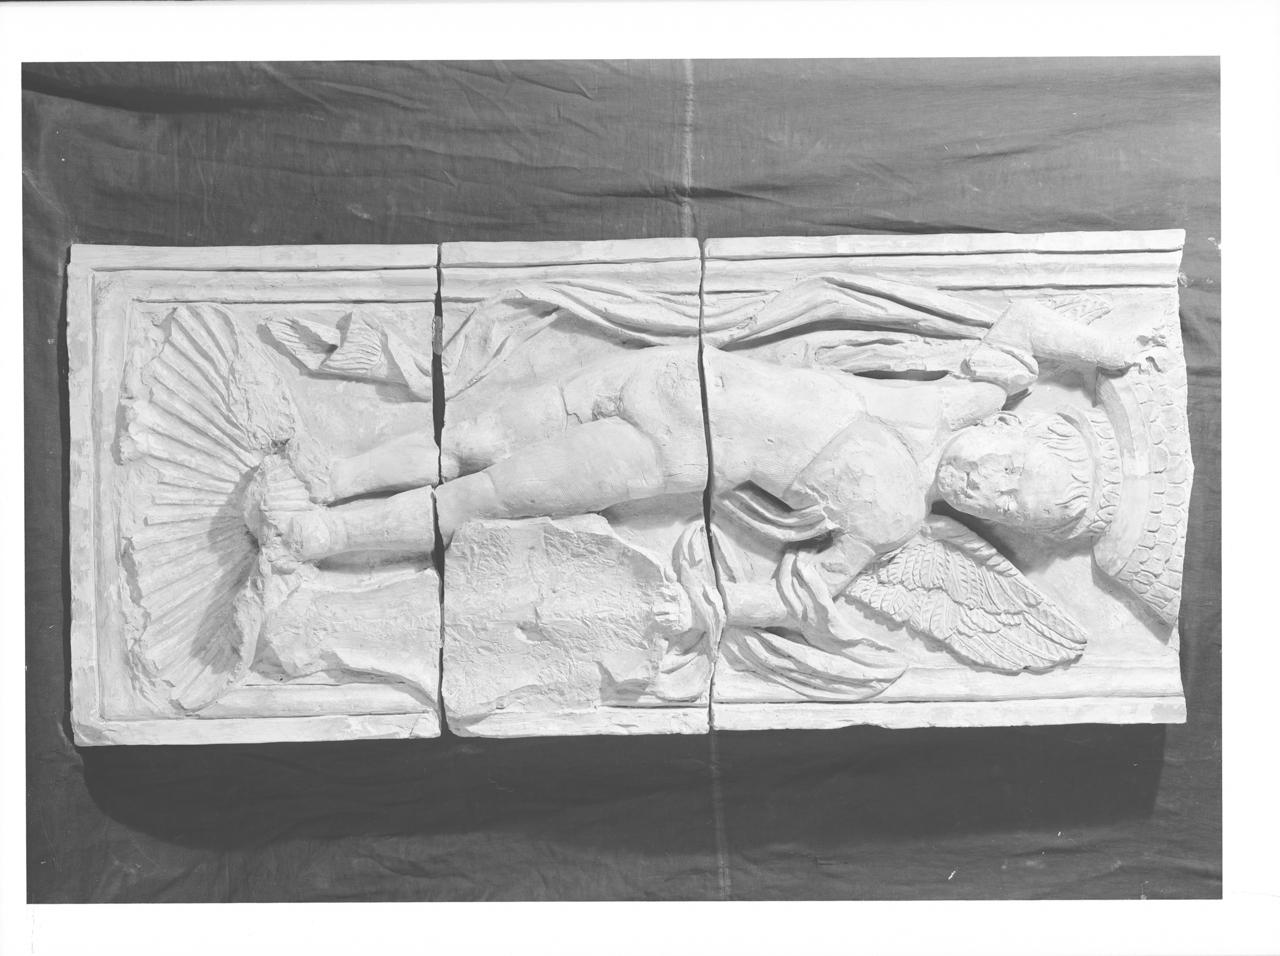 Elementi architettonici in terracotta – Lesene - Fregi (negativo, insieme) di A. Villani & Figli (ditta), Savelli, Sperandio (secondo quarto XX)